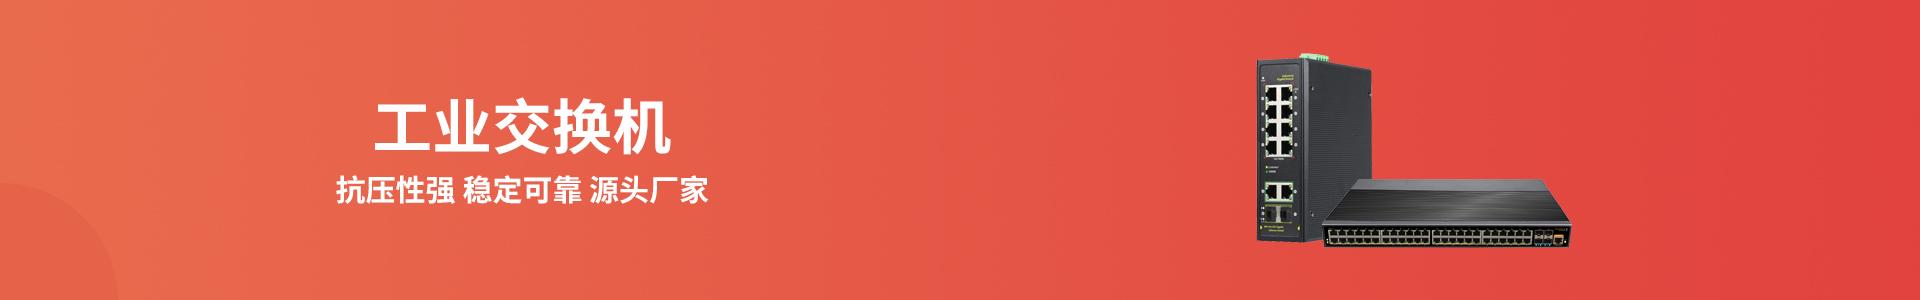 工业交换机源头厂家-<p>工业交换机-五口-嵌入式工业交换机,交换机-POE交换机-POE供电-工业交换机-网络交换机-控制箱</p> -物联网可控电源